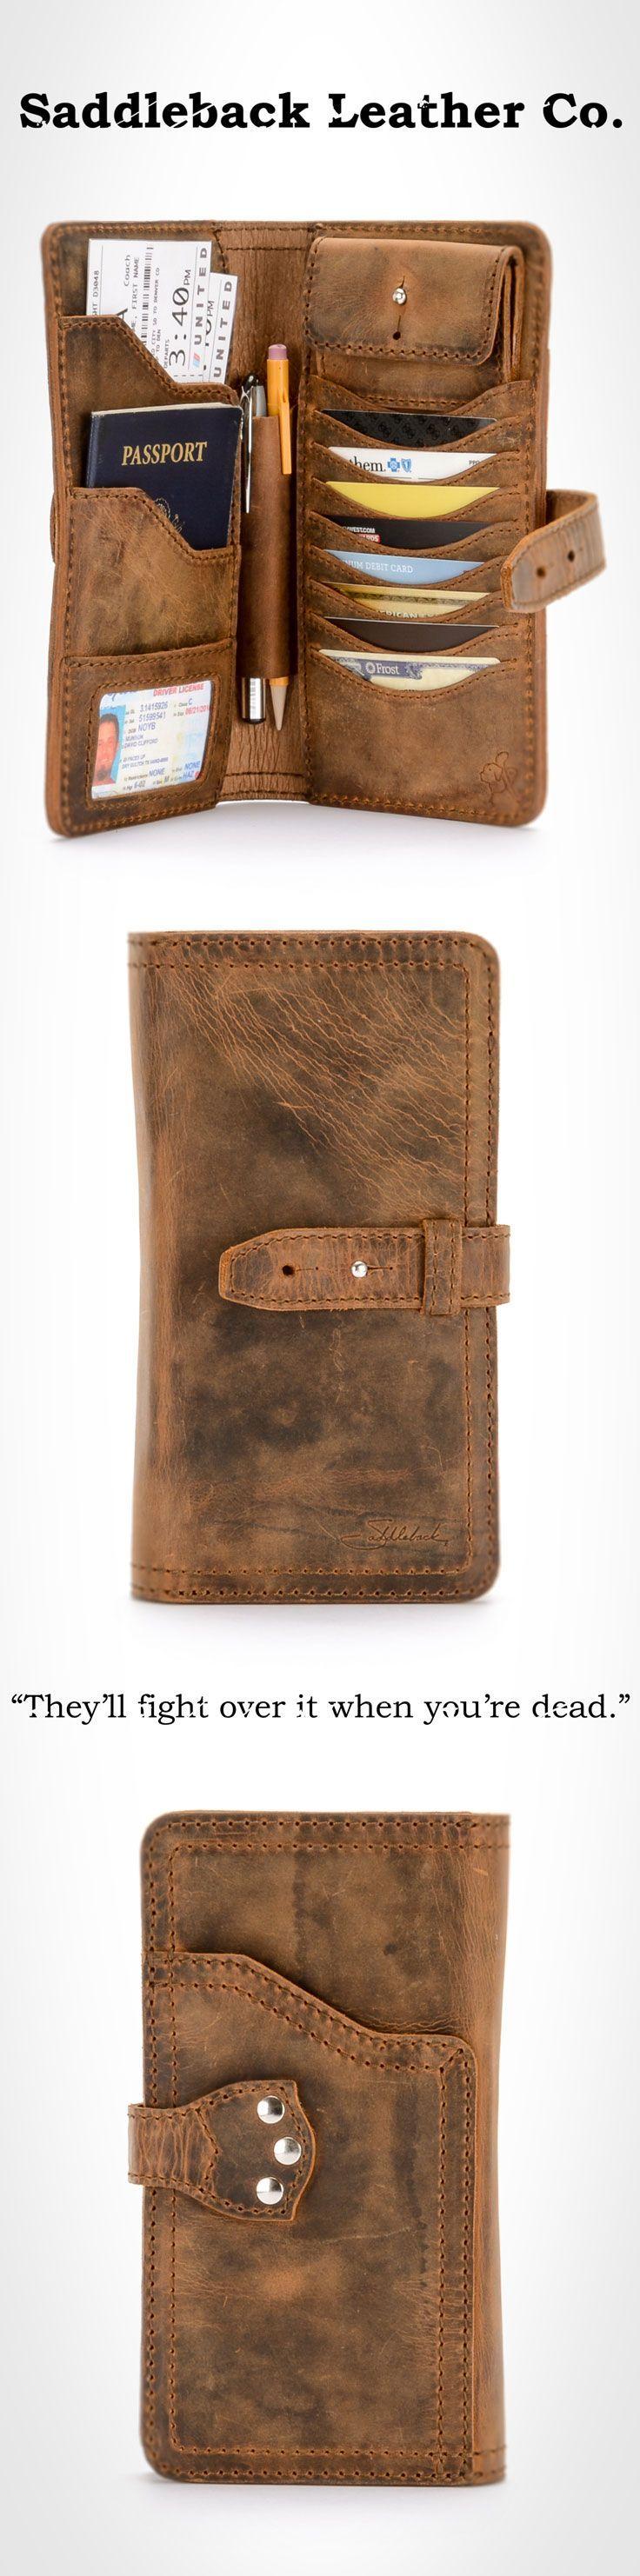 Saddleback leather coupon